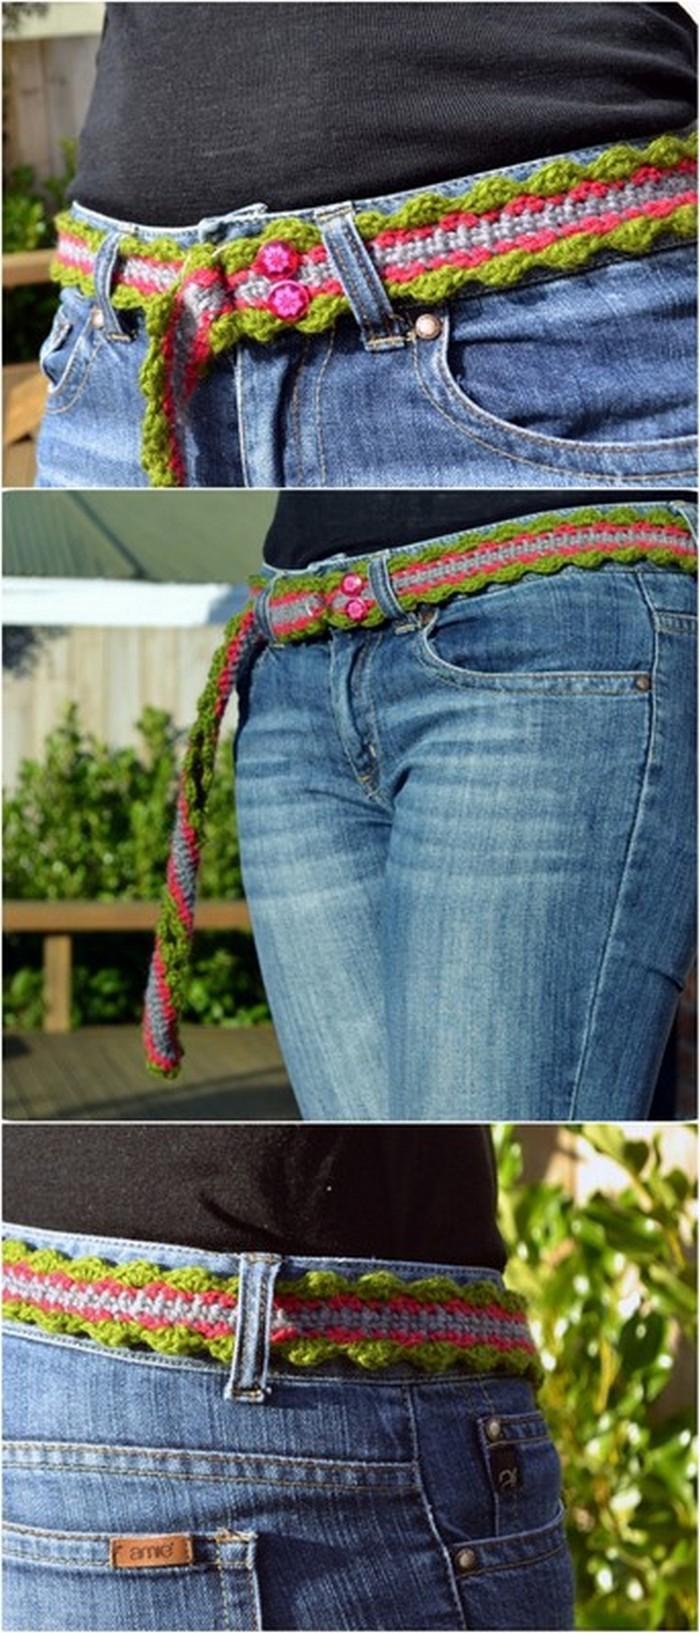 Waist Belt Free Crochet pattern